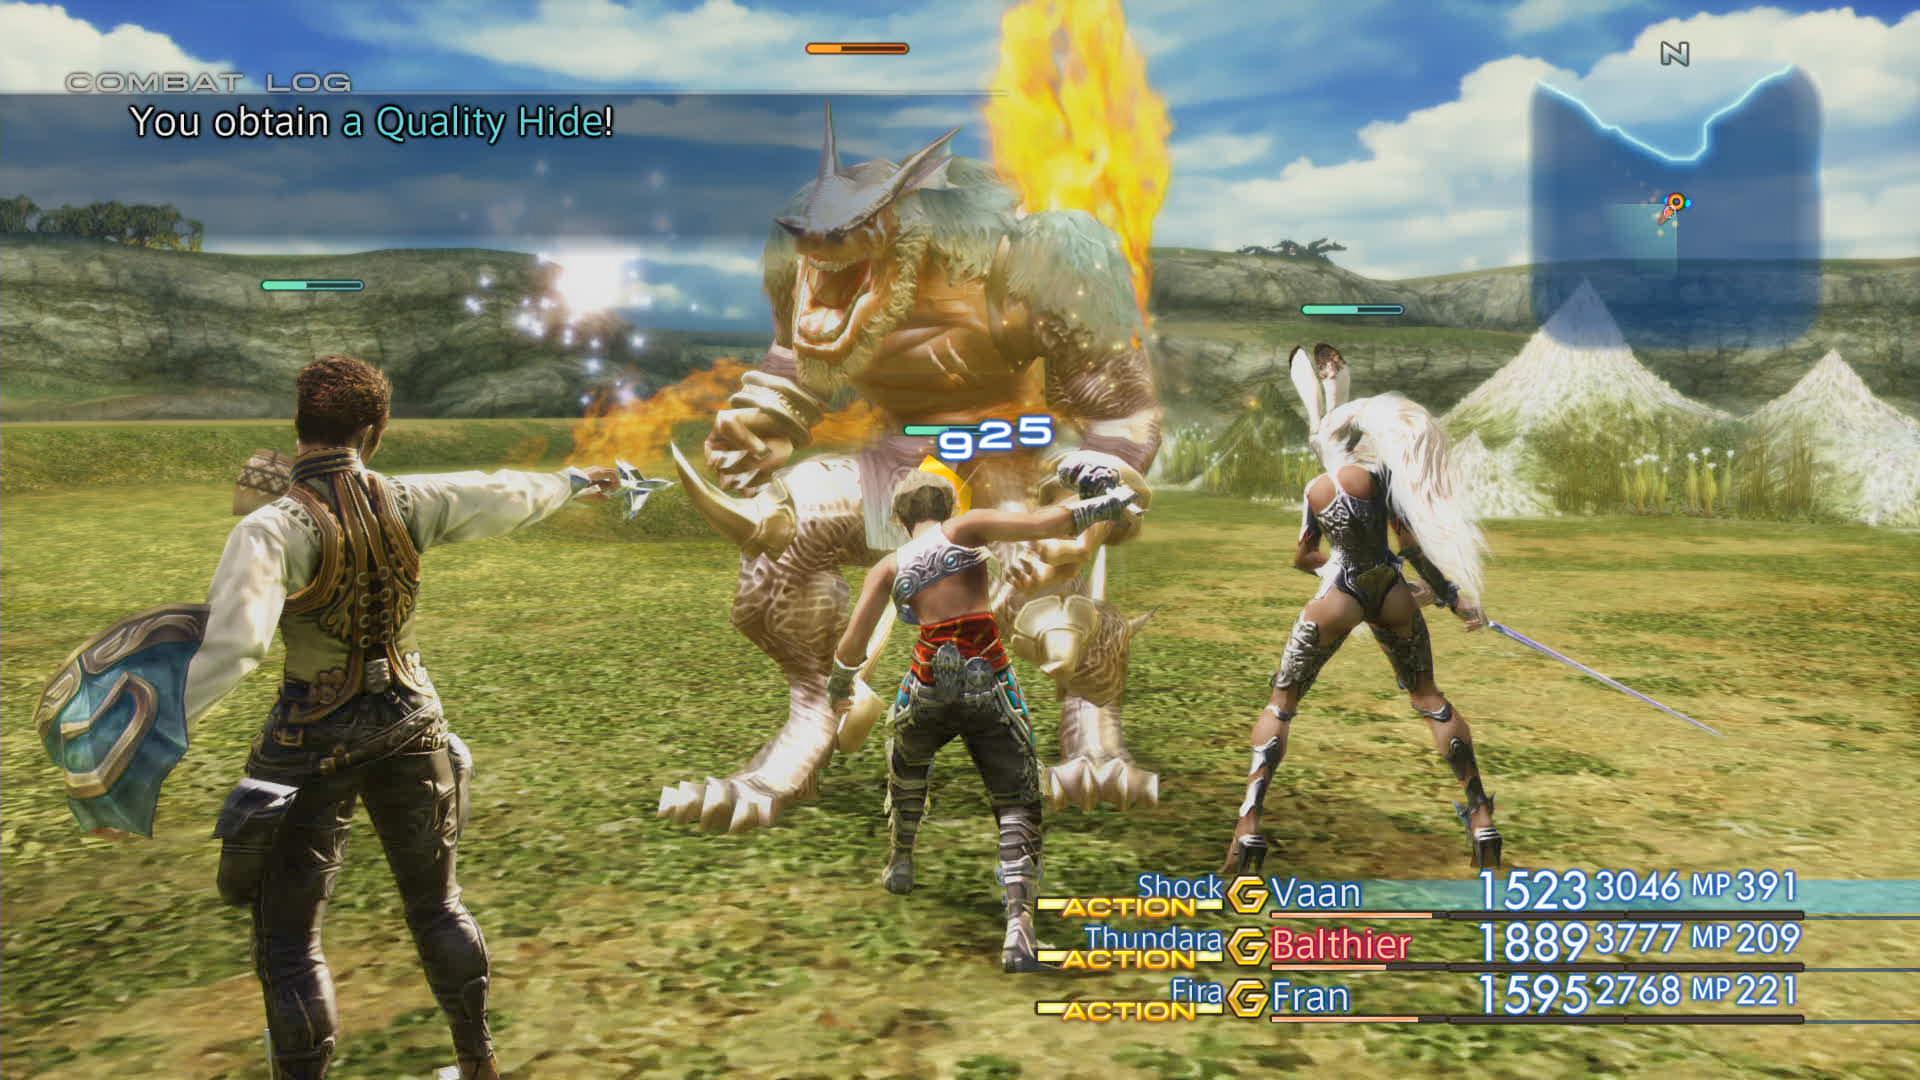 Boje a předělové scény z Final Fantasy XII: The Zodiac Age 142333